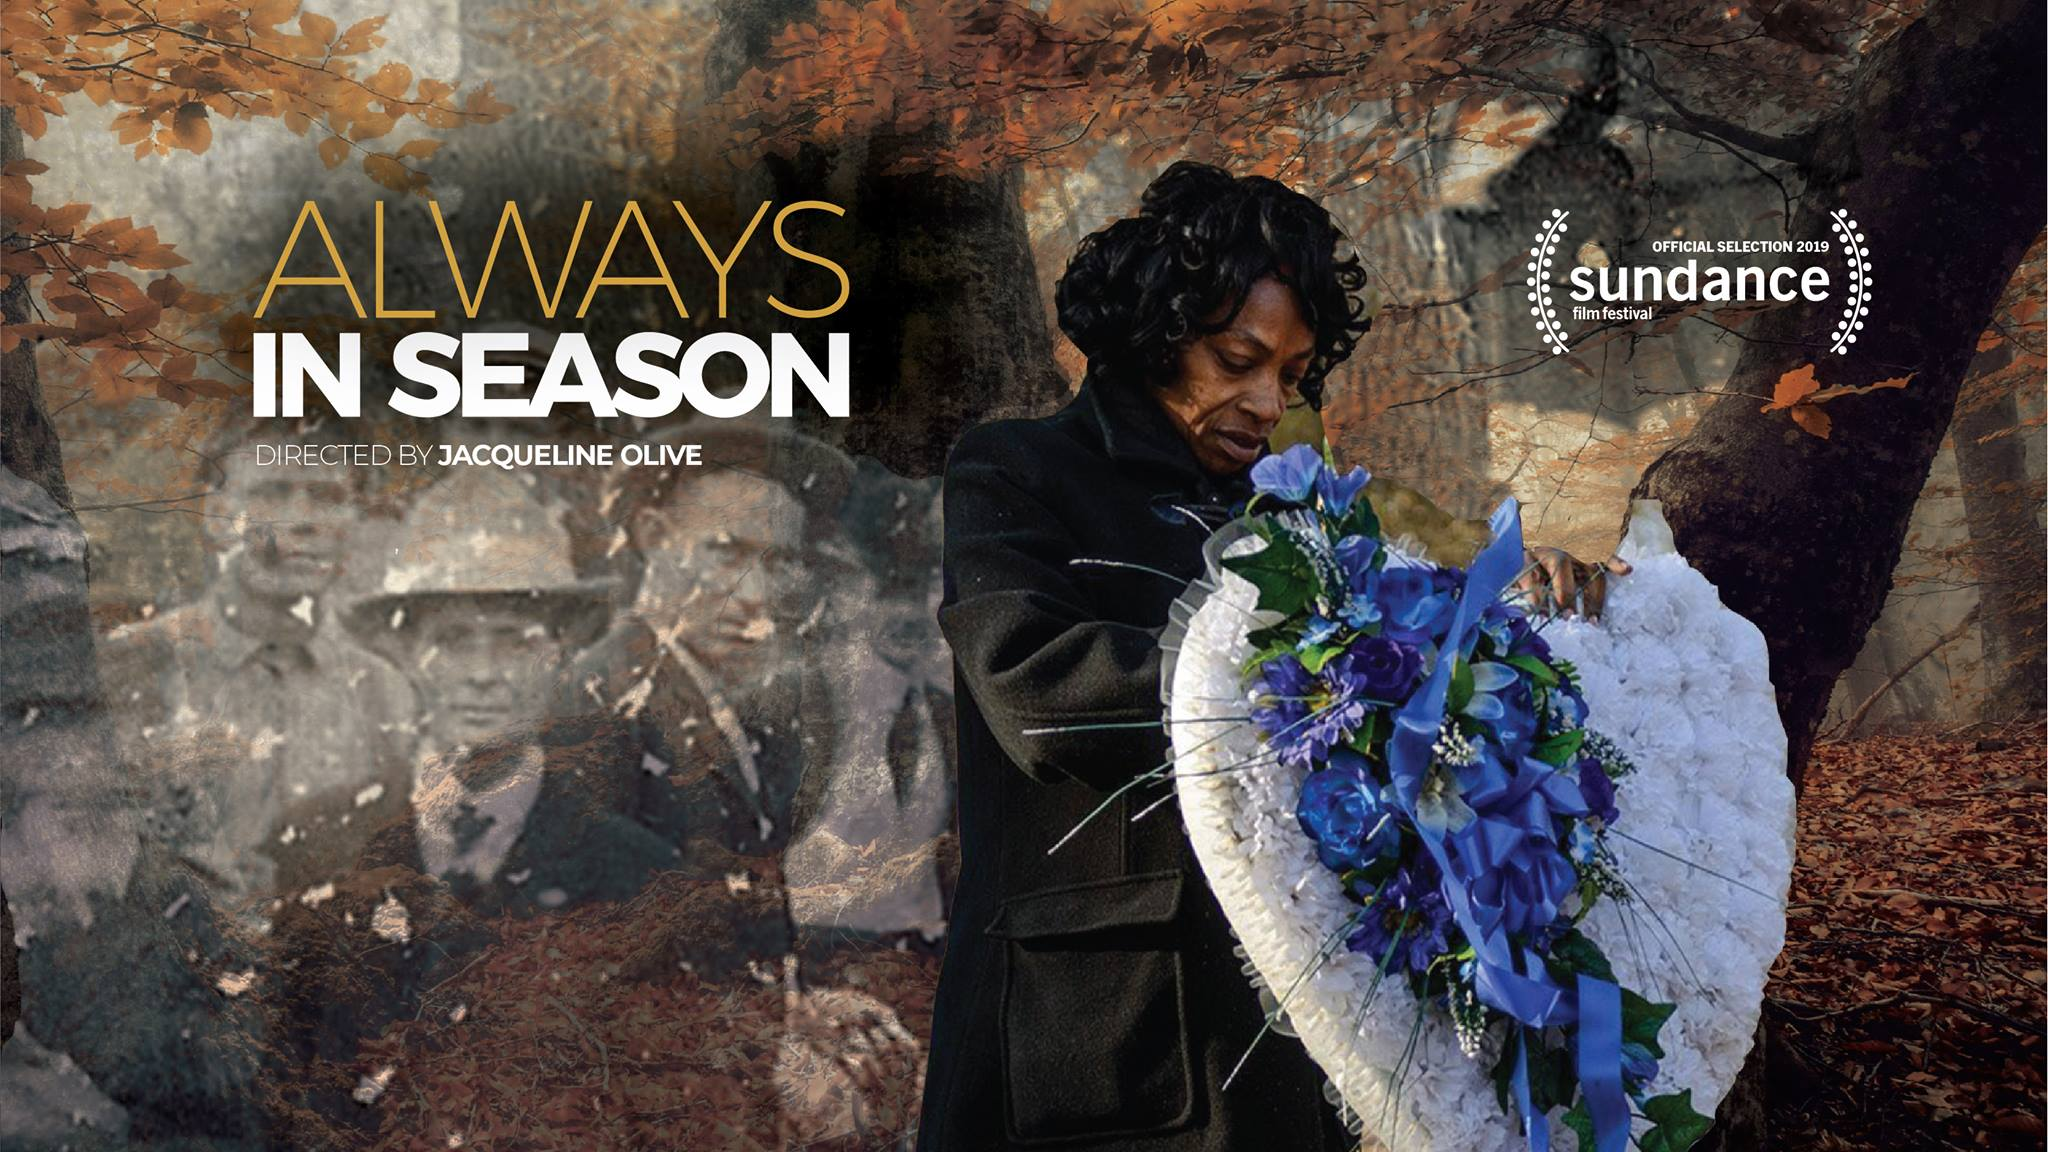 """SUNDANCE 2019: Con el foco puesto en el director de fotografía Patrick Sheehan, """"Always in Season"""""""